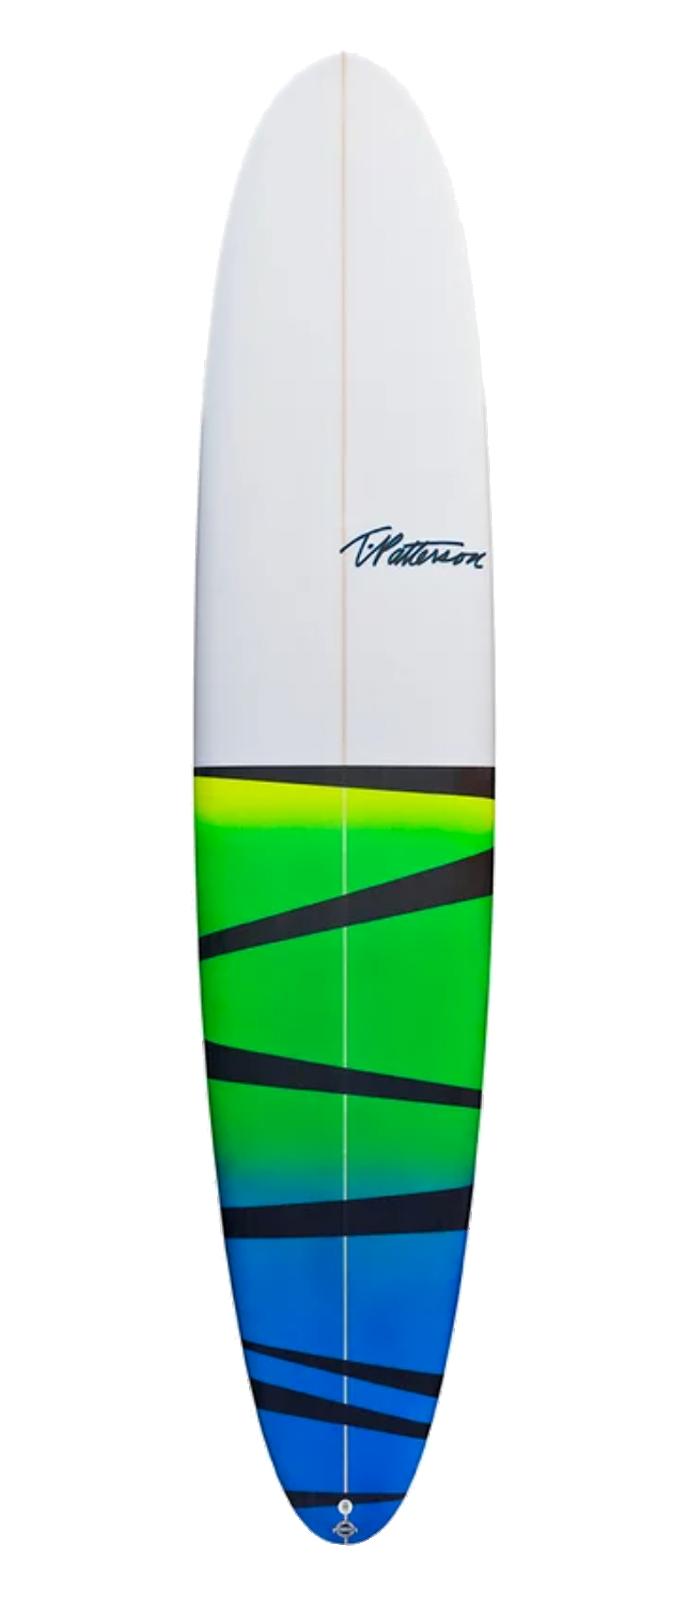 IZZY surfboard model